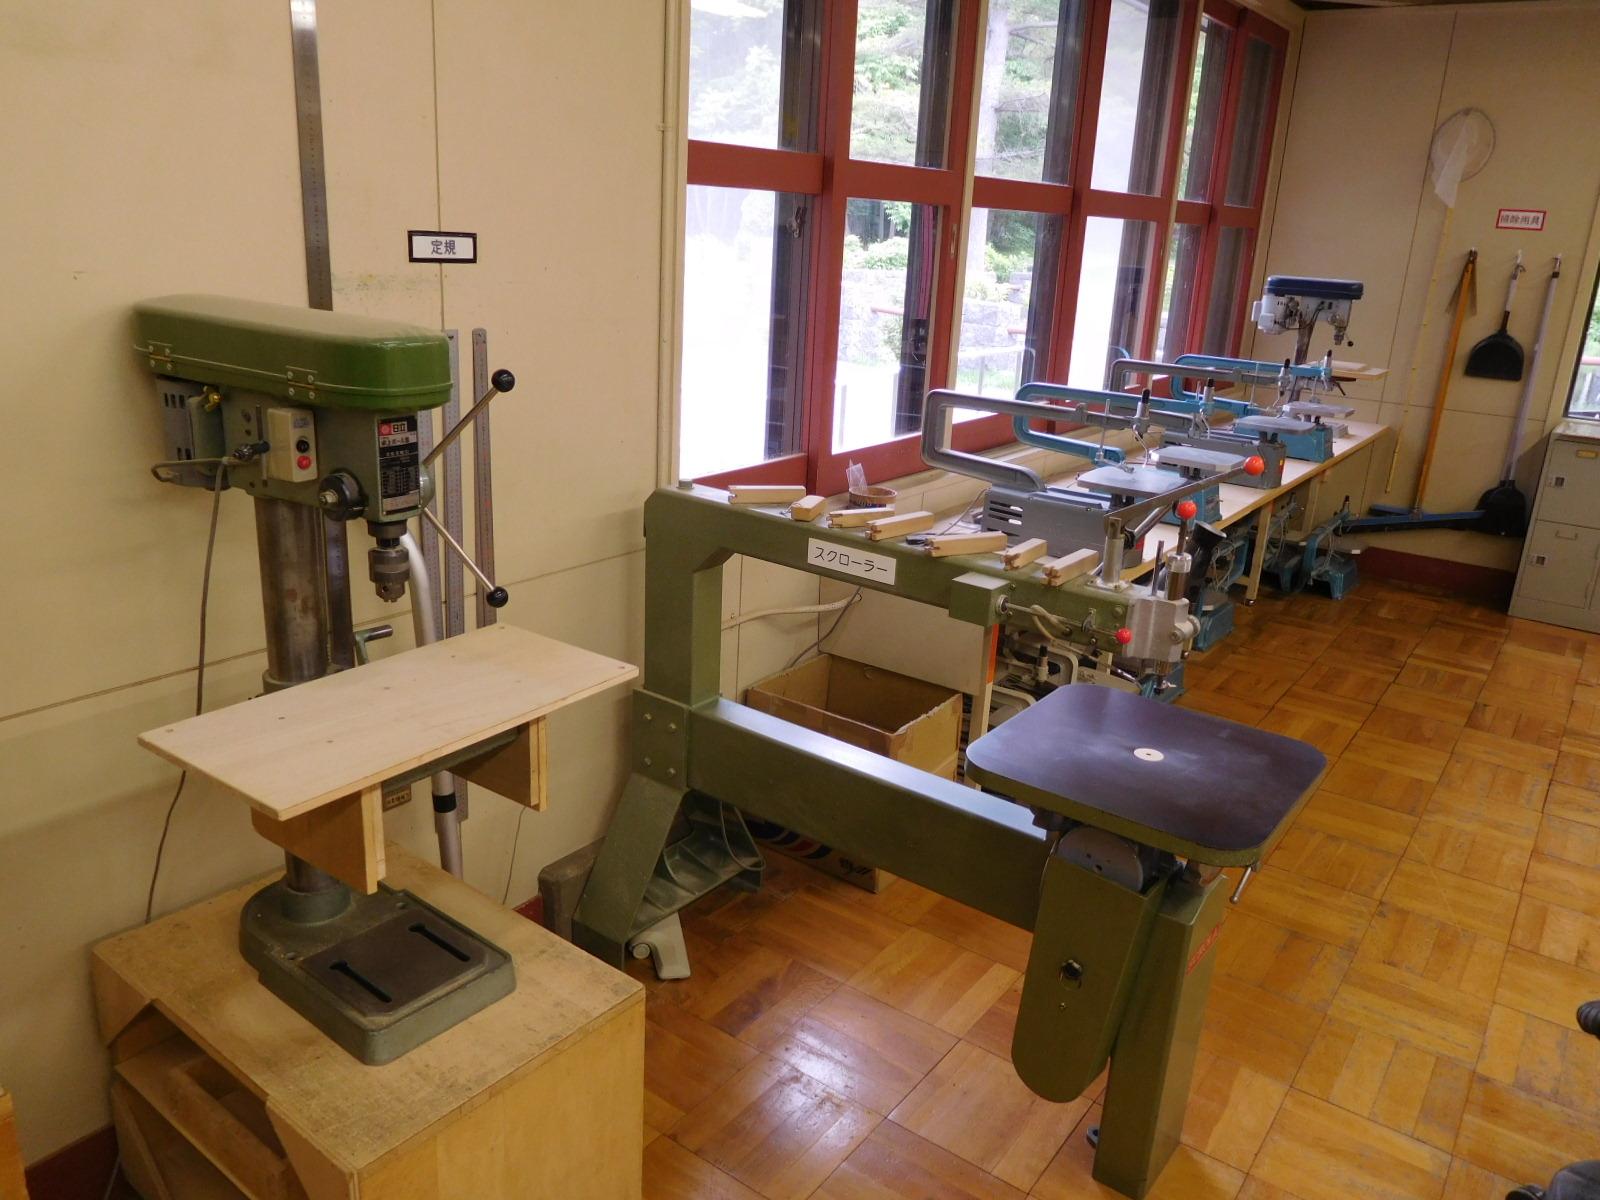 画像:糸のこ盤、スクローラー(大型糸のこ盤)ボール盤など基本的な加工が出来る機械も用意しております。